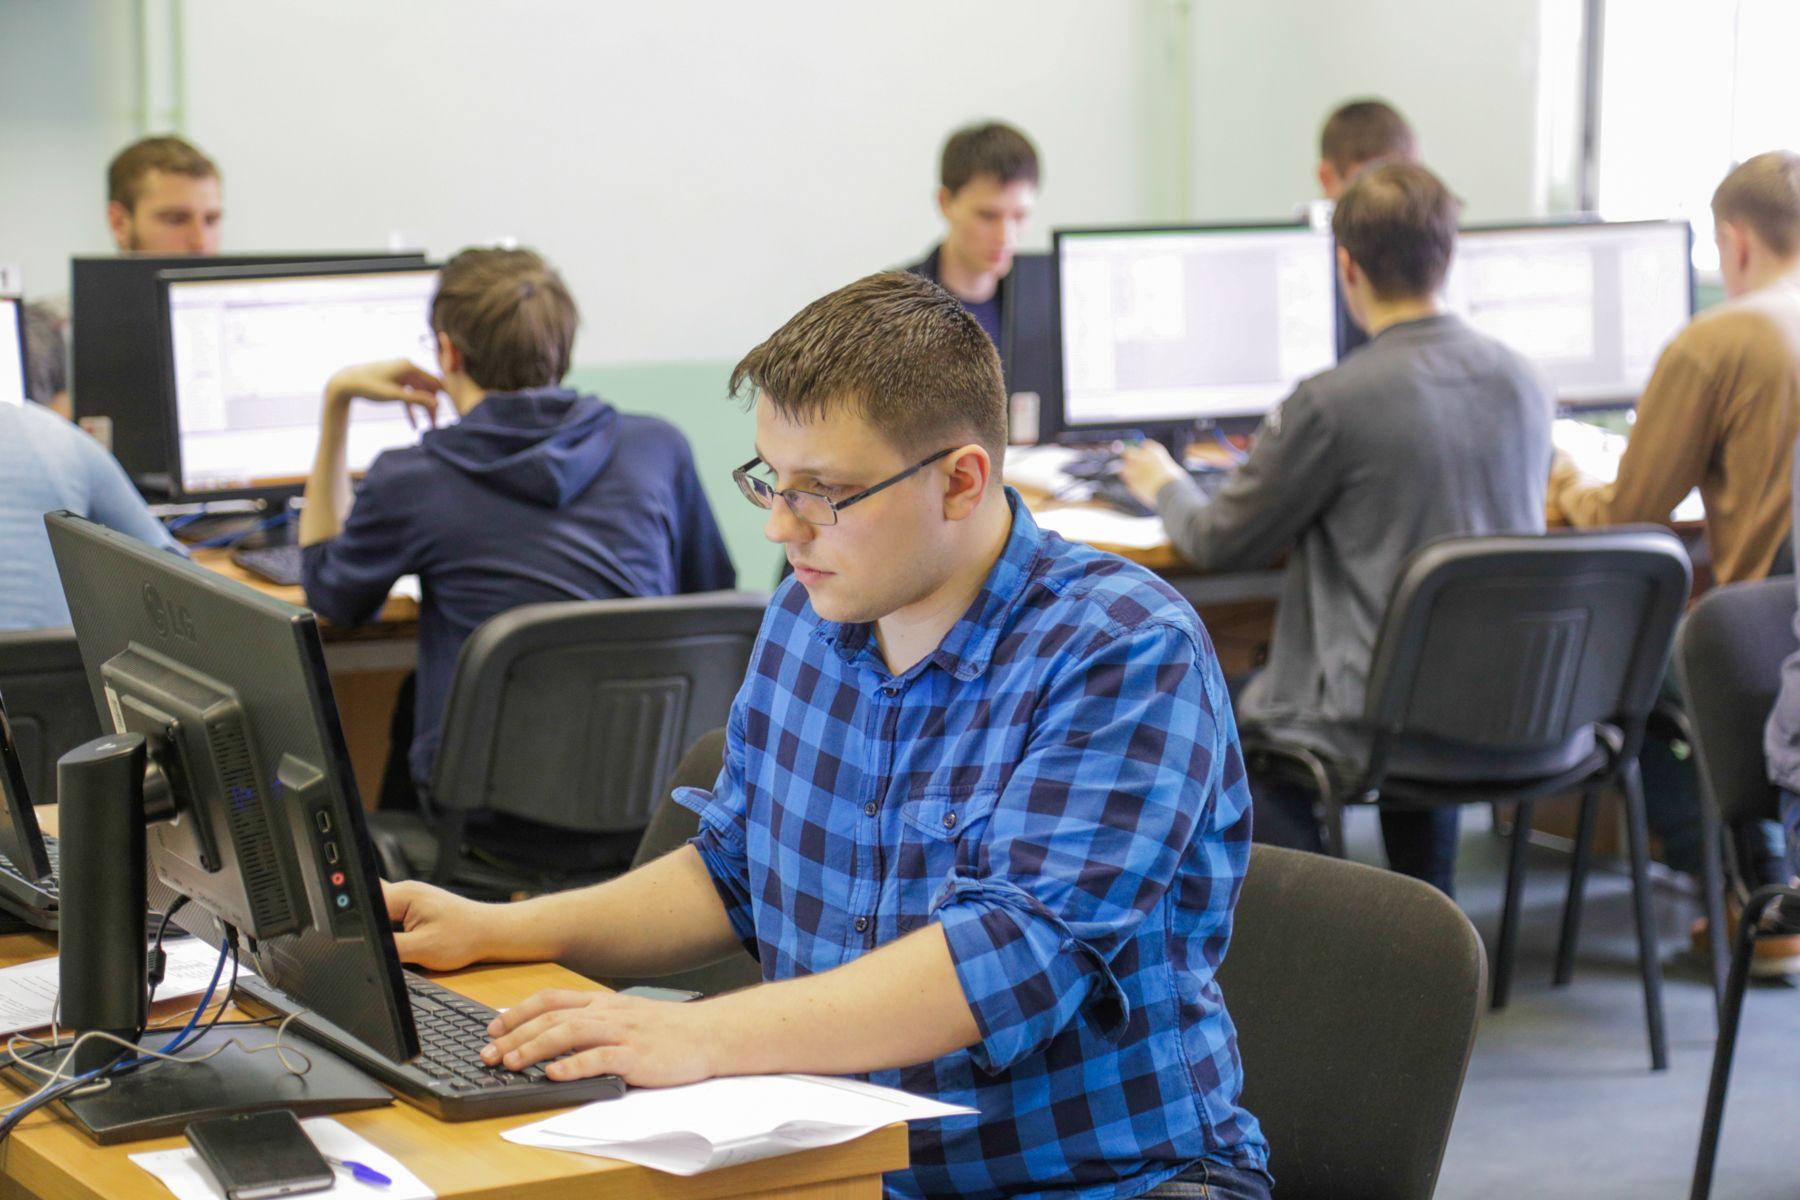 Премию 200-300 тысяч рублей могут получить студенты ВГУЭС